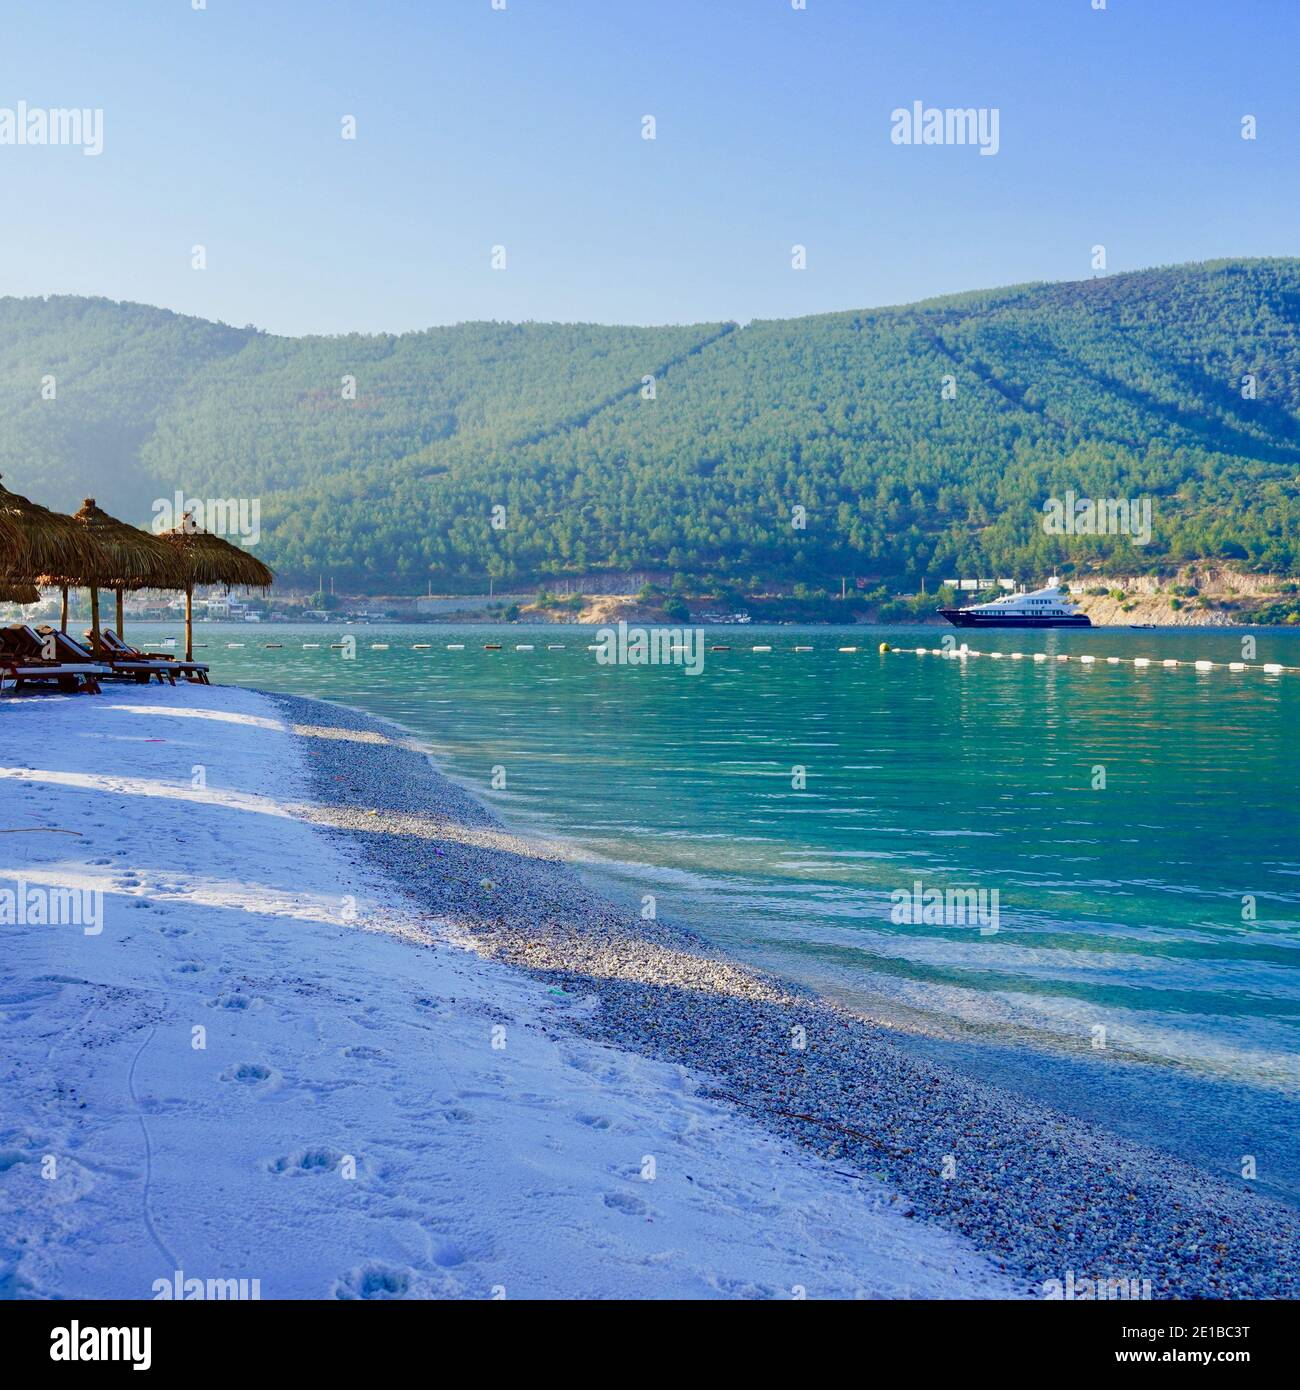 Paraíso Playa soleada con arena blanca, palmeras y mar turquesa. Formato cuadrado, vacaciones de verano y concepto de playa tropical. Un pedacito de paraíso. Lux Foto de stock